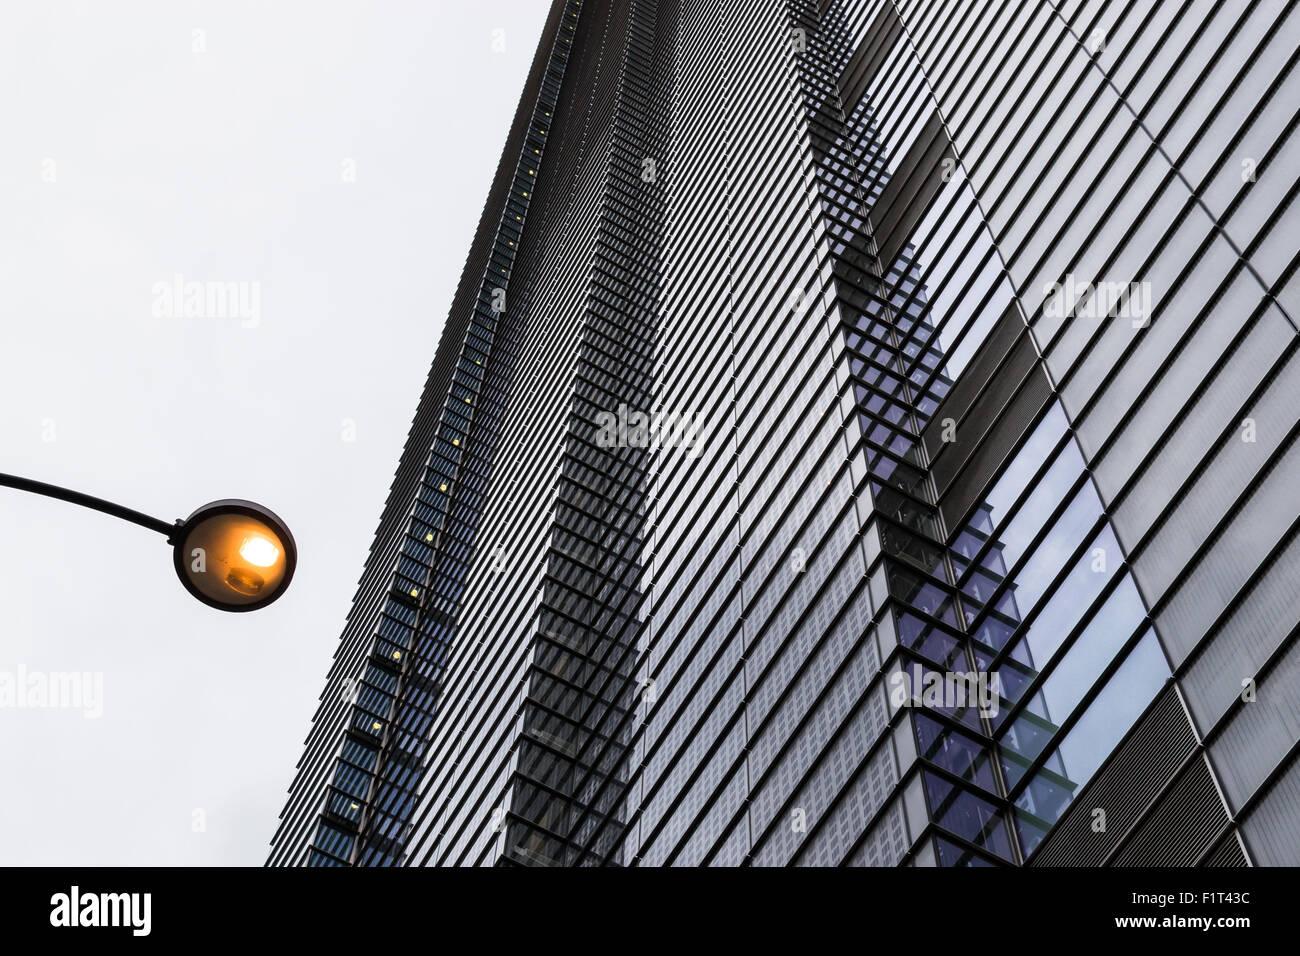 Résumé La conception des bâtiments modernes avec une répétition de motifs en forme de fenêtre Photo Stock